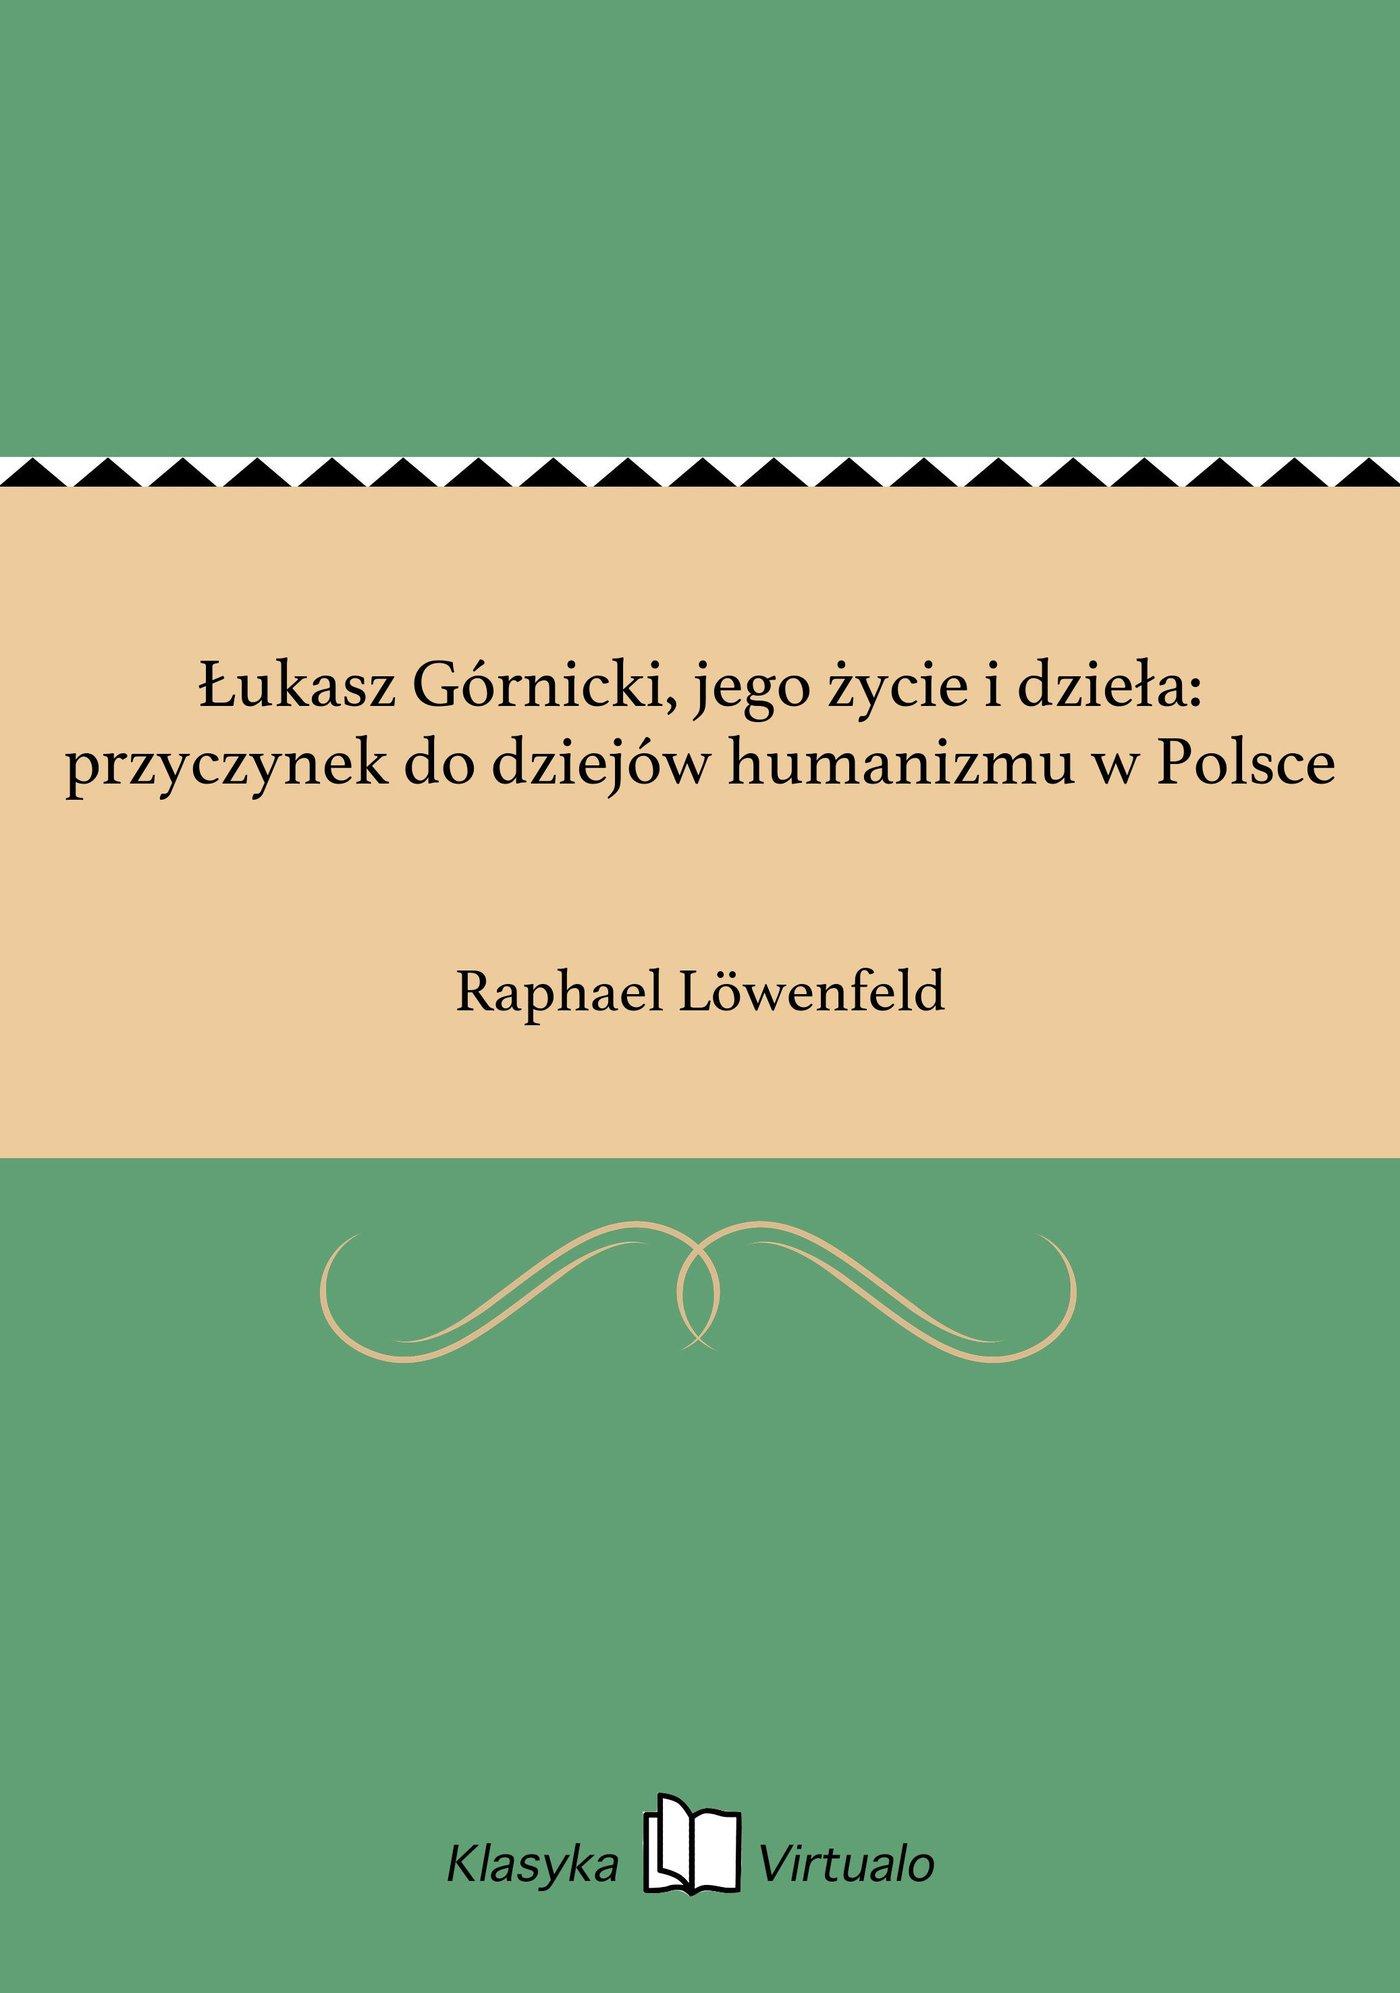 Łukasz Górnicki, jego życie i dzieła: przyczynek do dziejów humanizmu w Polsce - Ebook (Książka EPUB) do pobrania w formacie EPUB